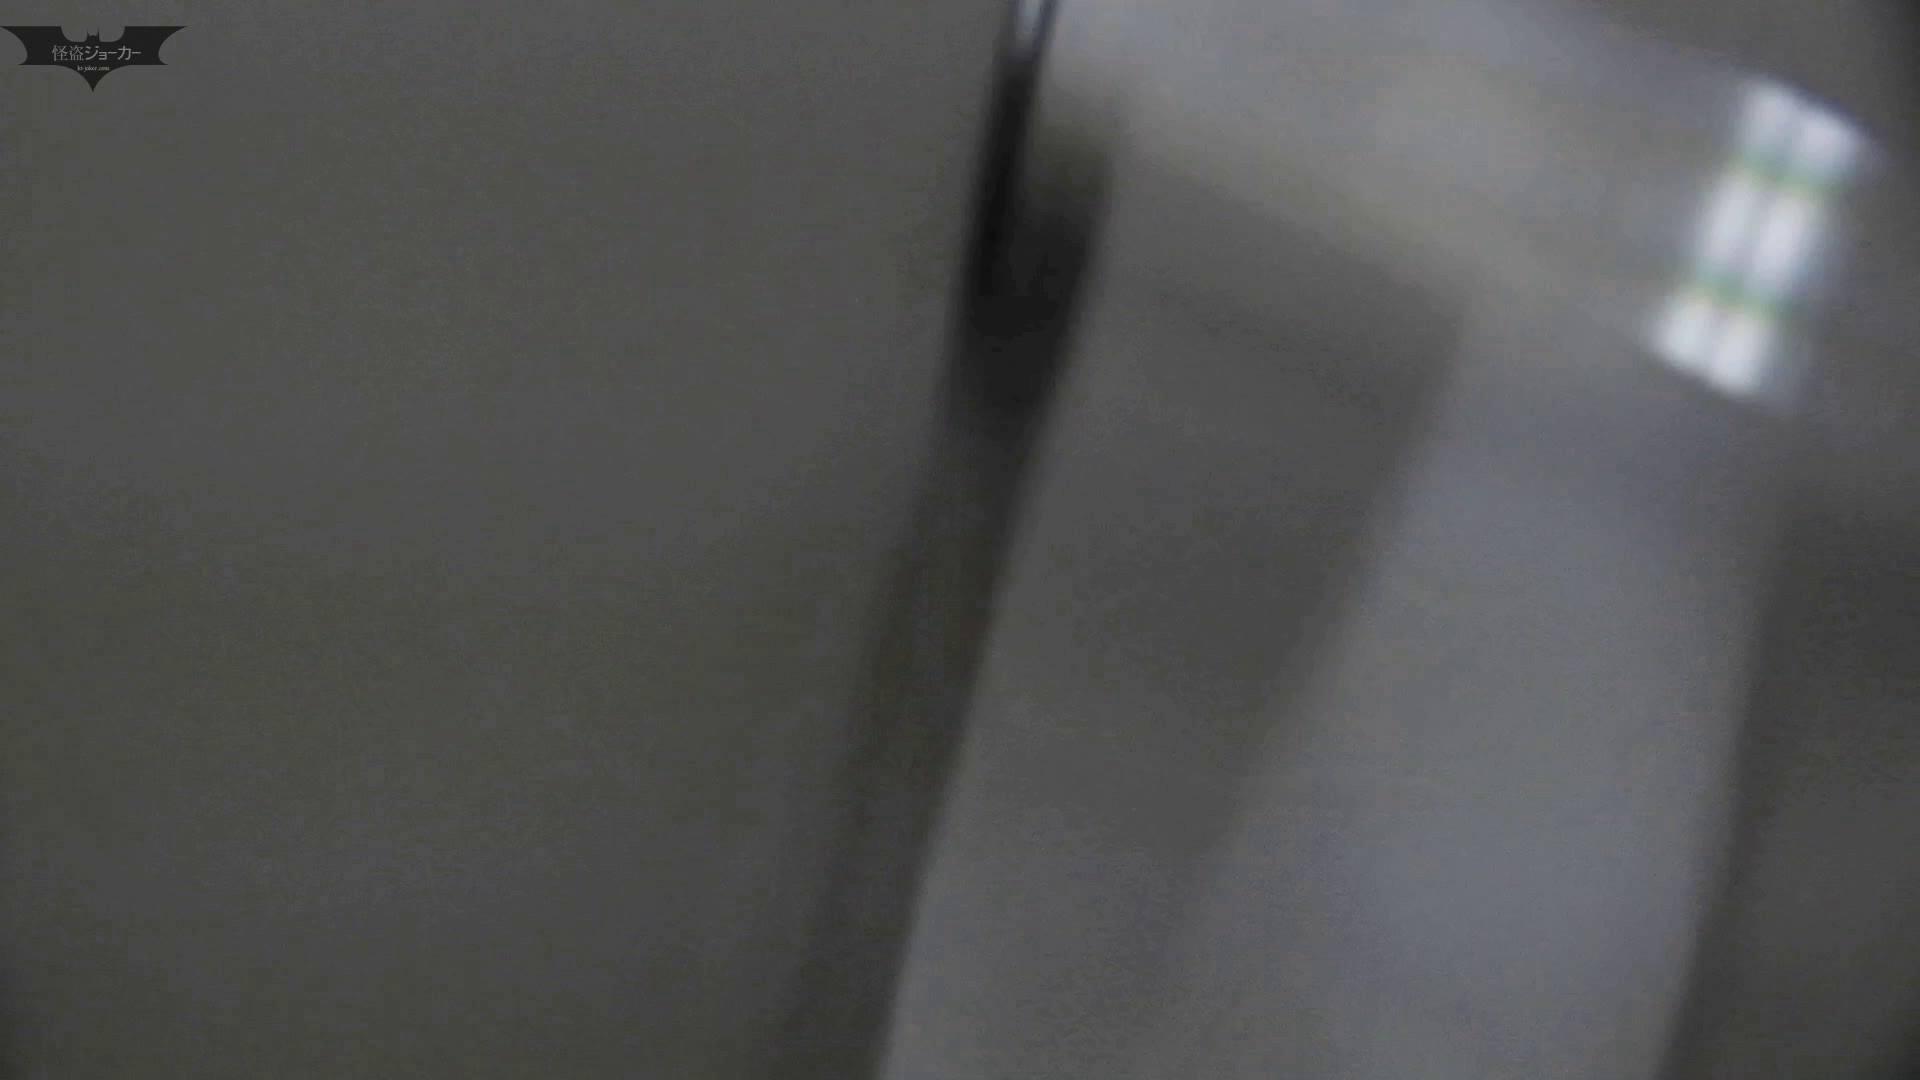 お銀さん vol.59 ピンチ!!「鏡の前で祈る女性」にばれる危機 お姉さん  98PIX 36